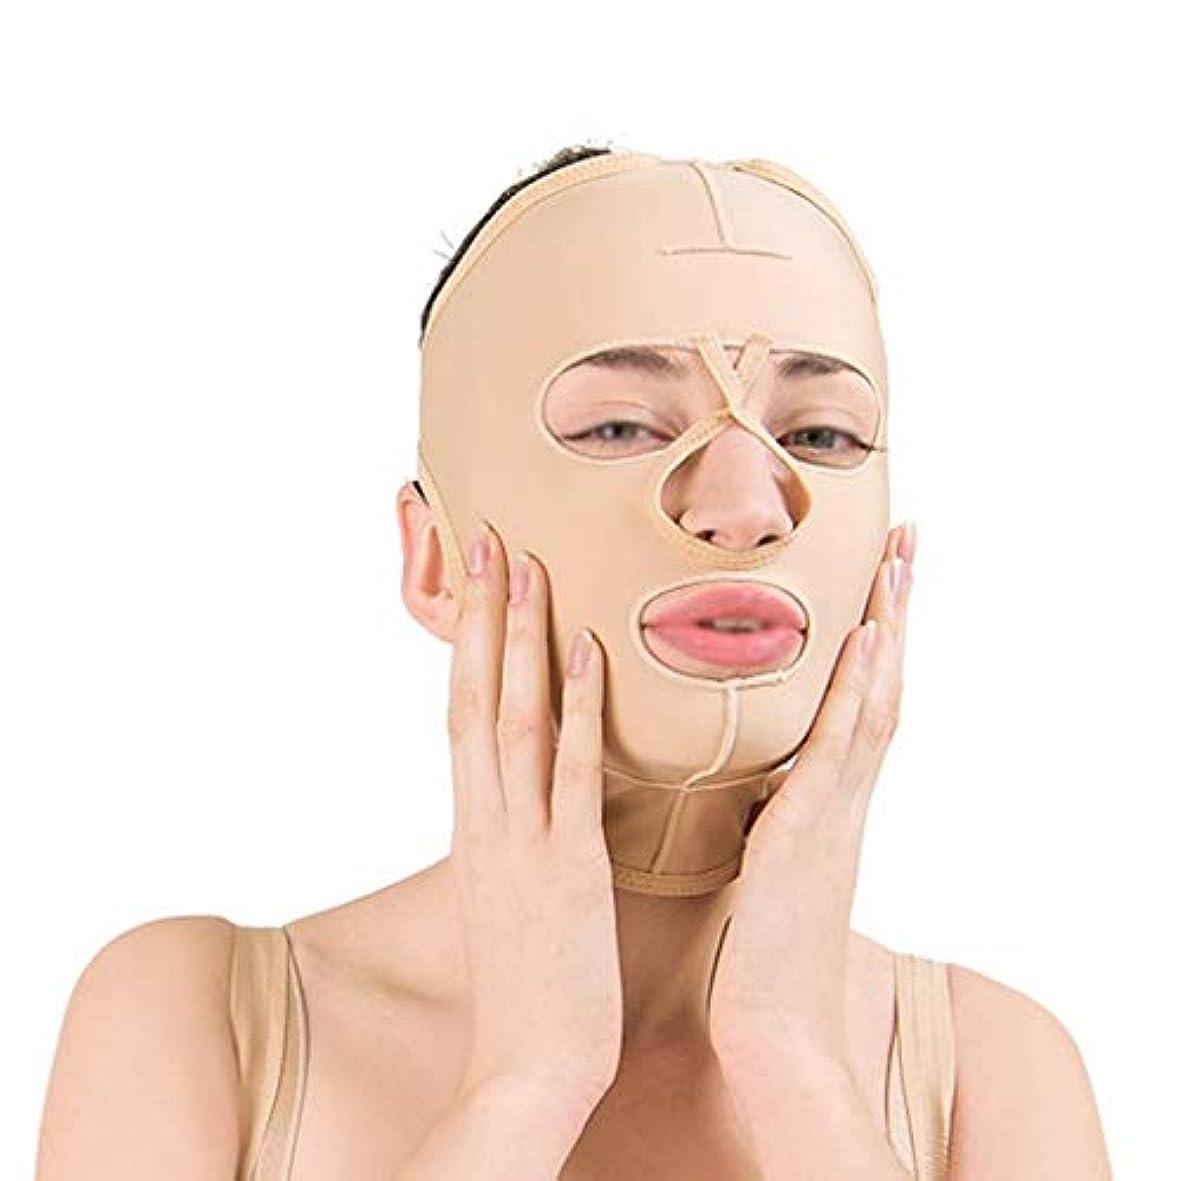 北西エンドテーブル巨大フェイススリミングマスク、フェイスバンデージ付きフェイシャル減量マスク、通気性フェイスリフト、引き締め、フェイスリフティング(サイズ:L),M